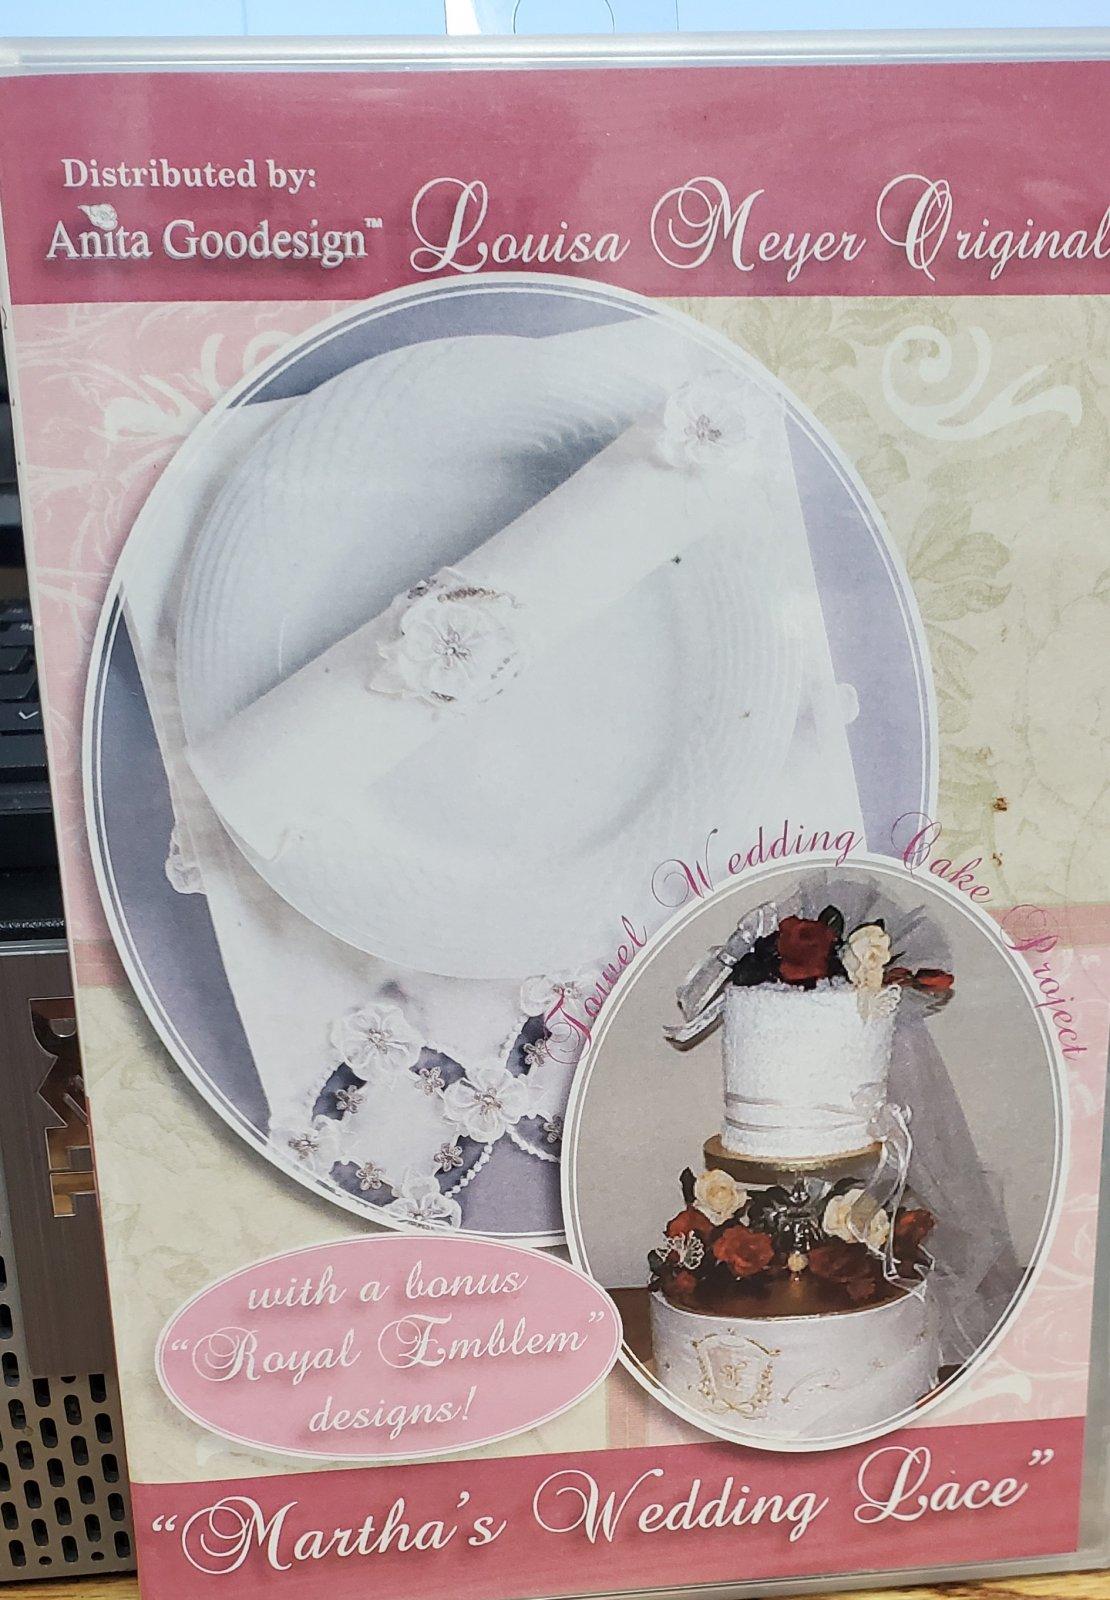 Martha's Wedding Lace